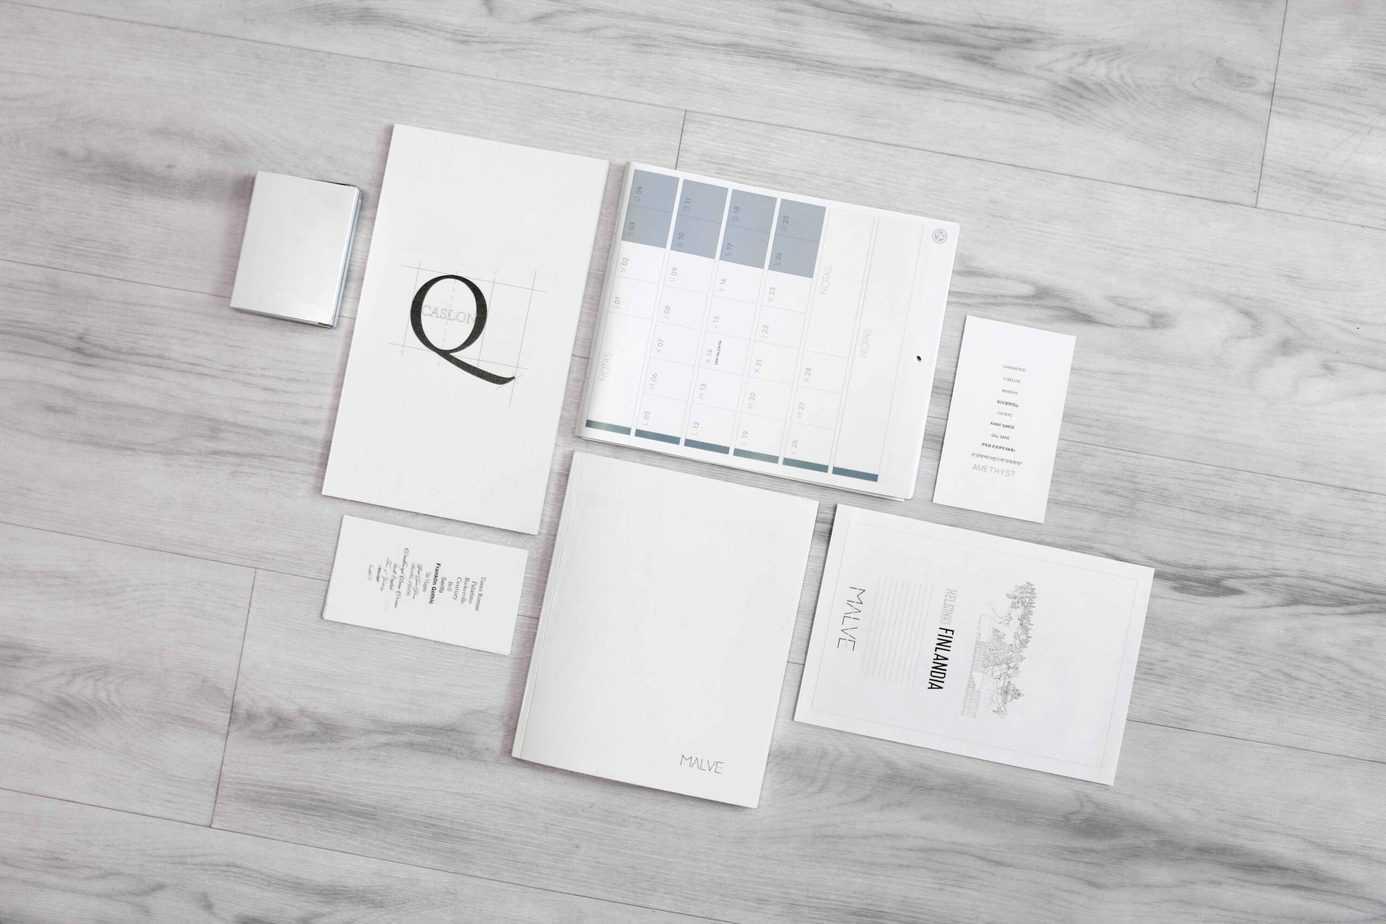 Brand marketing materials business card, calendar, one-sheeter, etc.